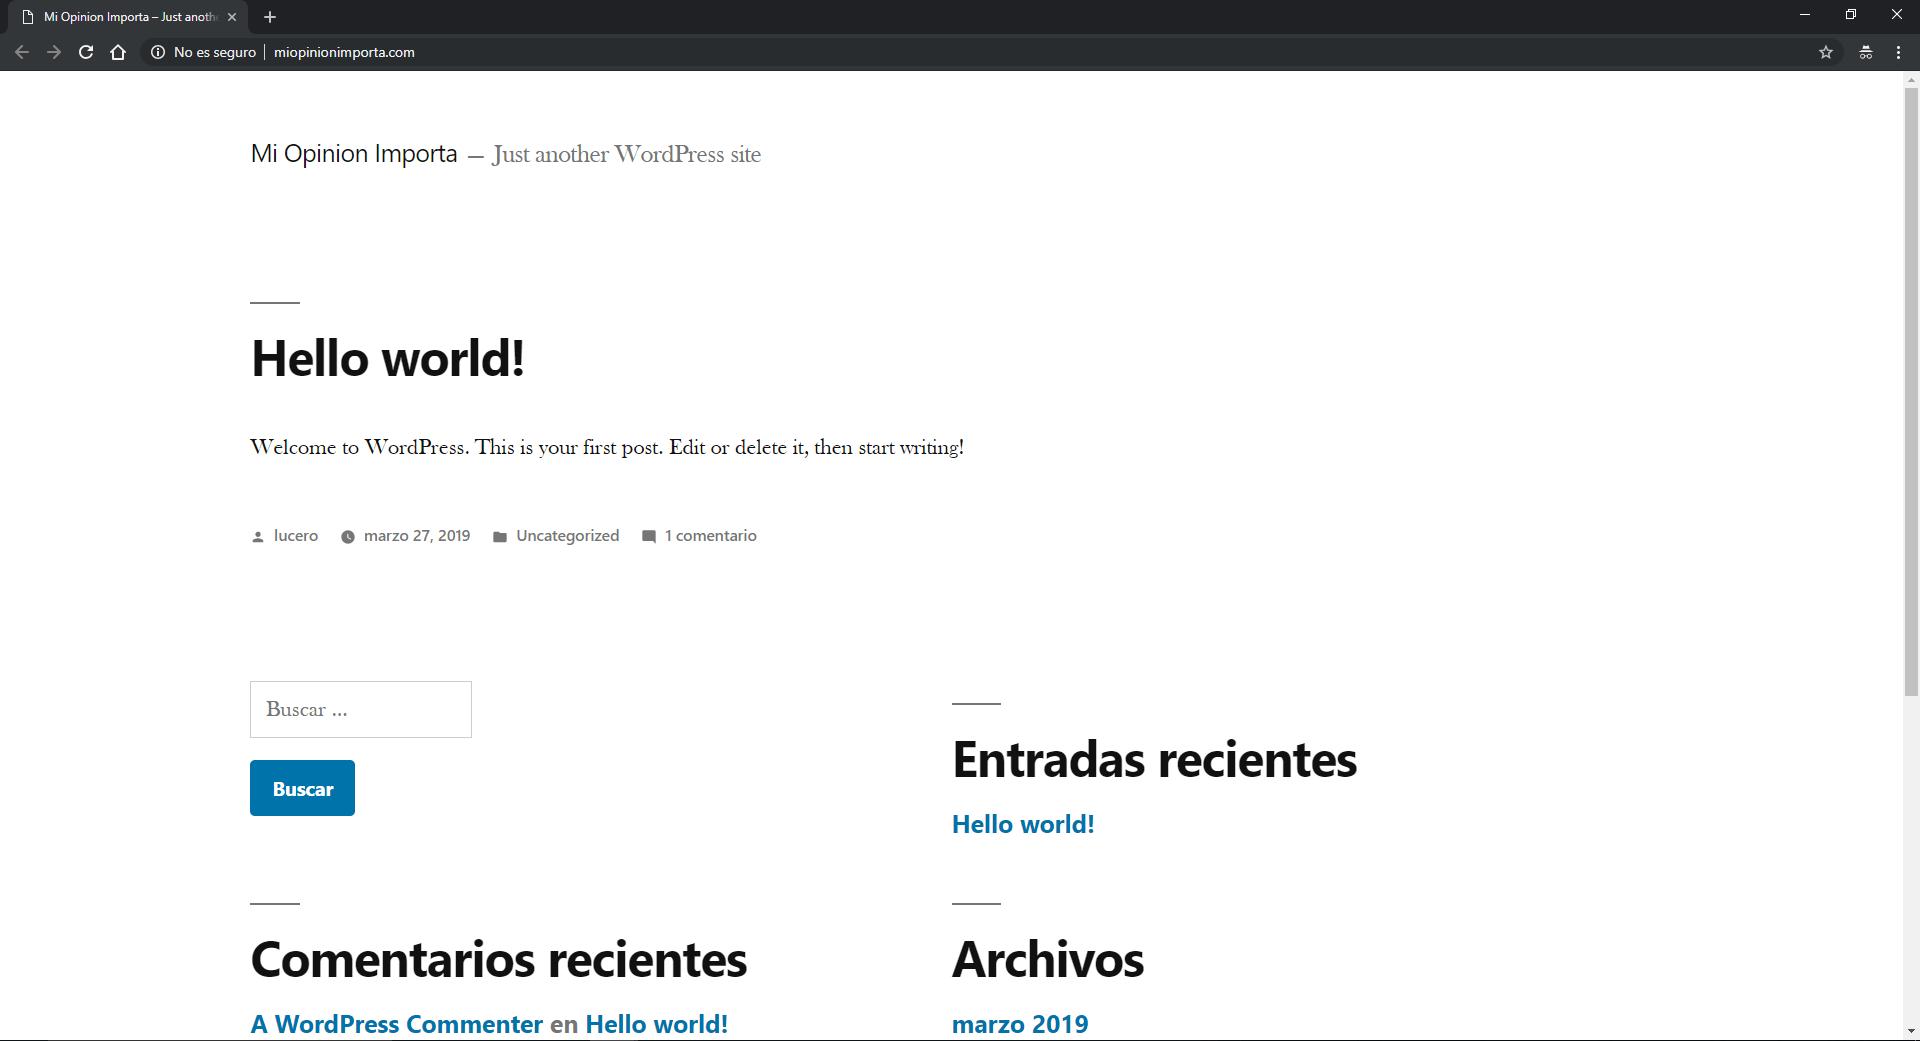 las entradas en wordpress